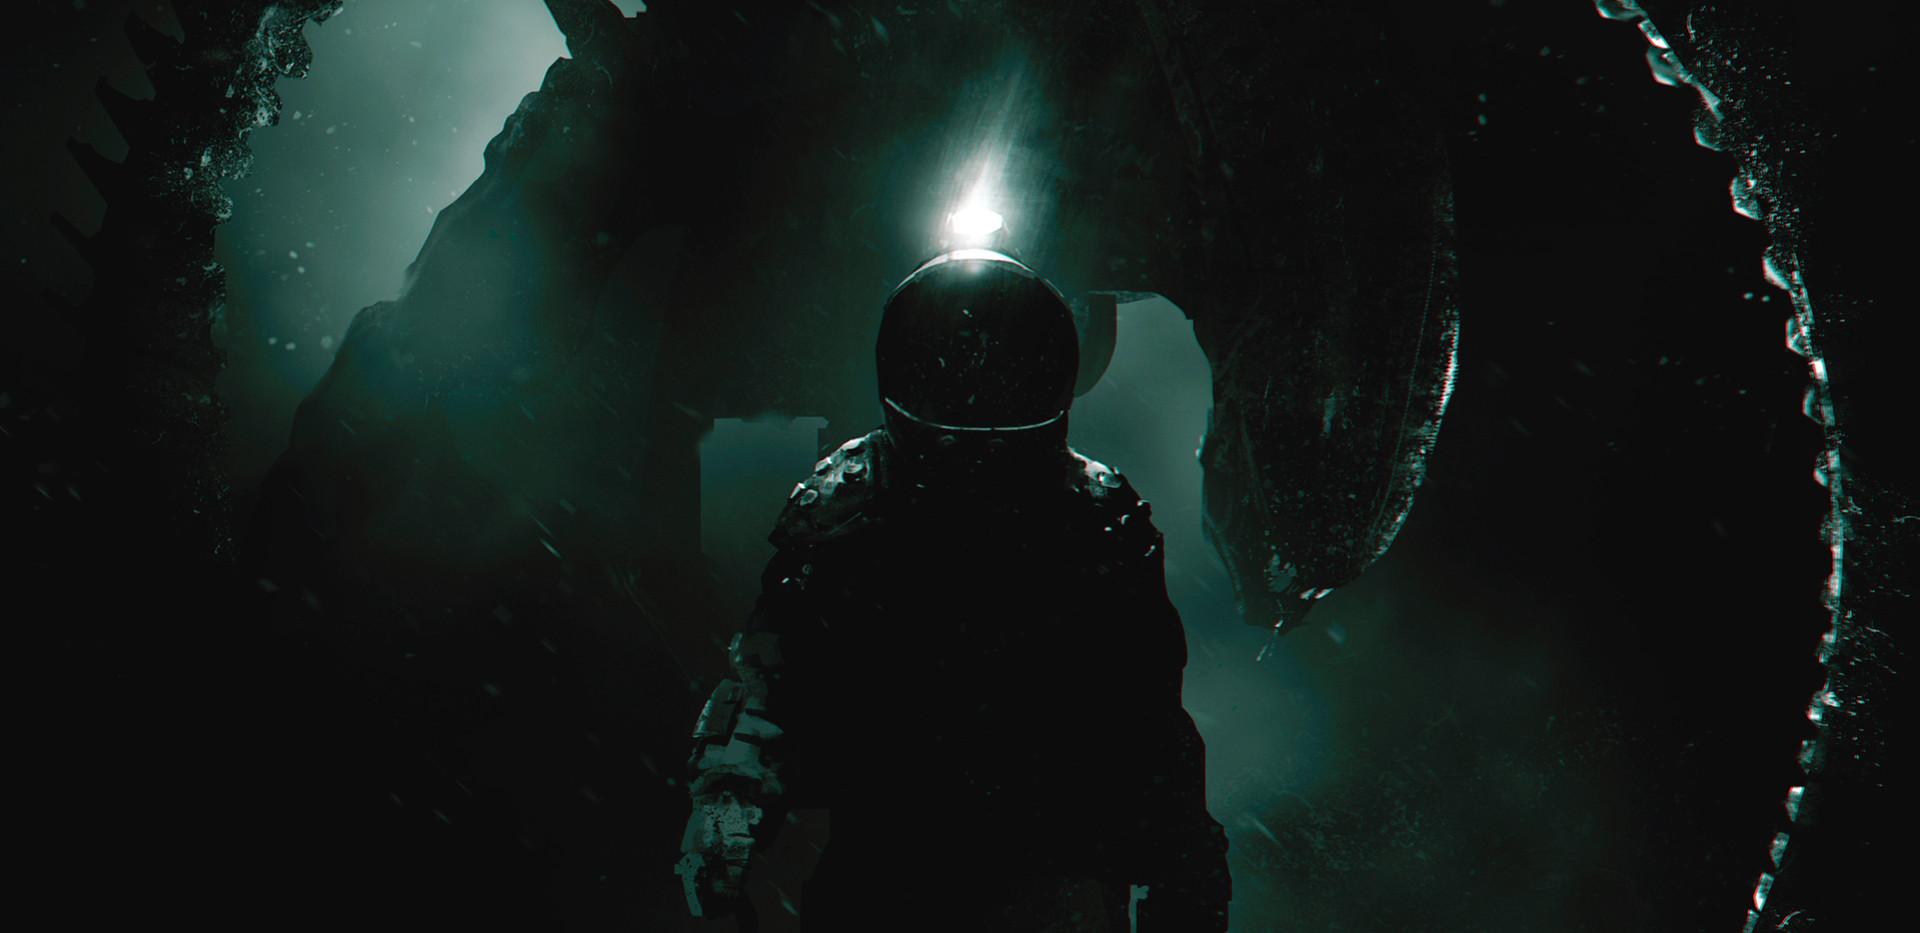 Alien_RPG_cover.jpg